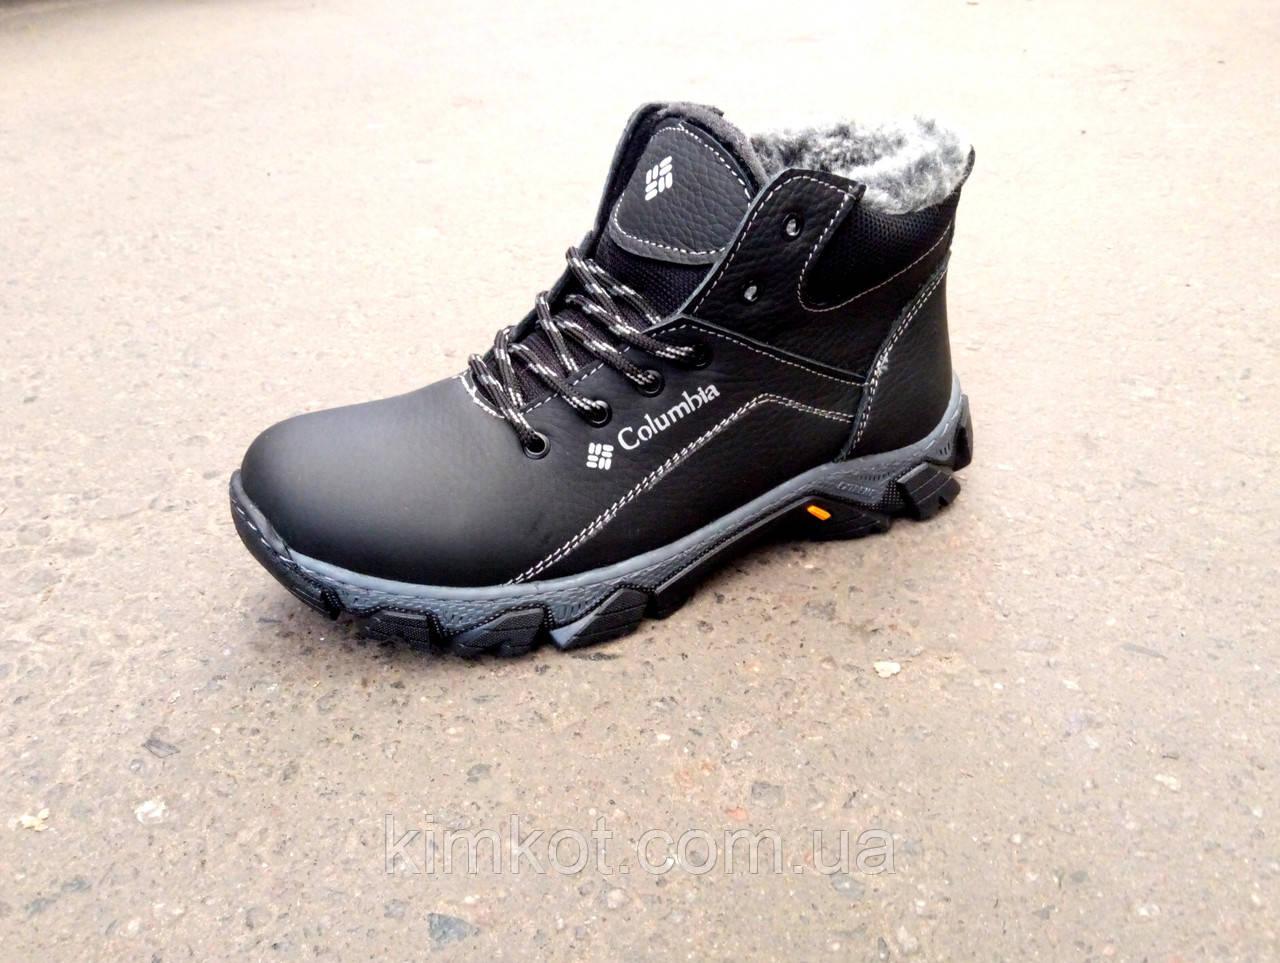 Кожаные зимние ботинки подросток 35-39 - Интернет-Магазин